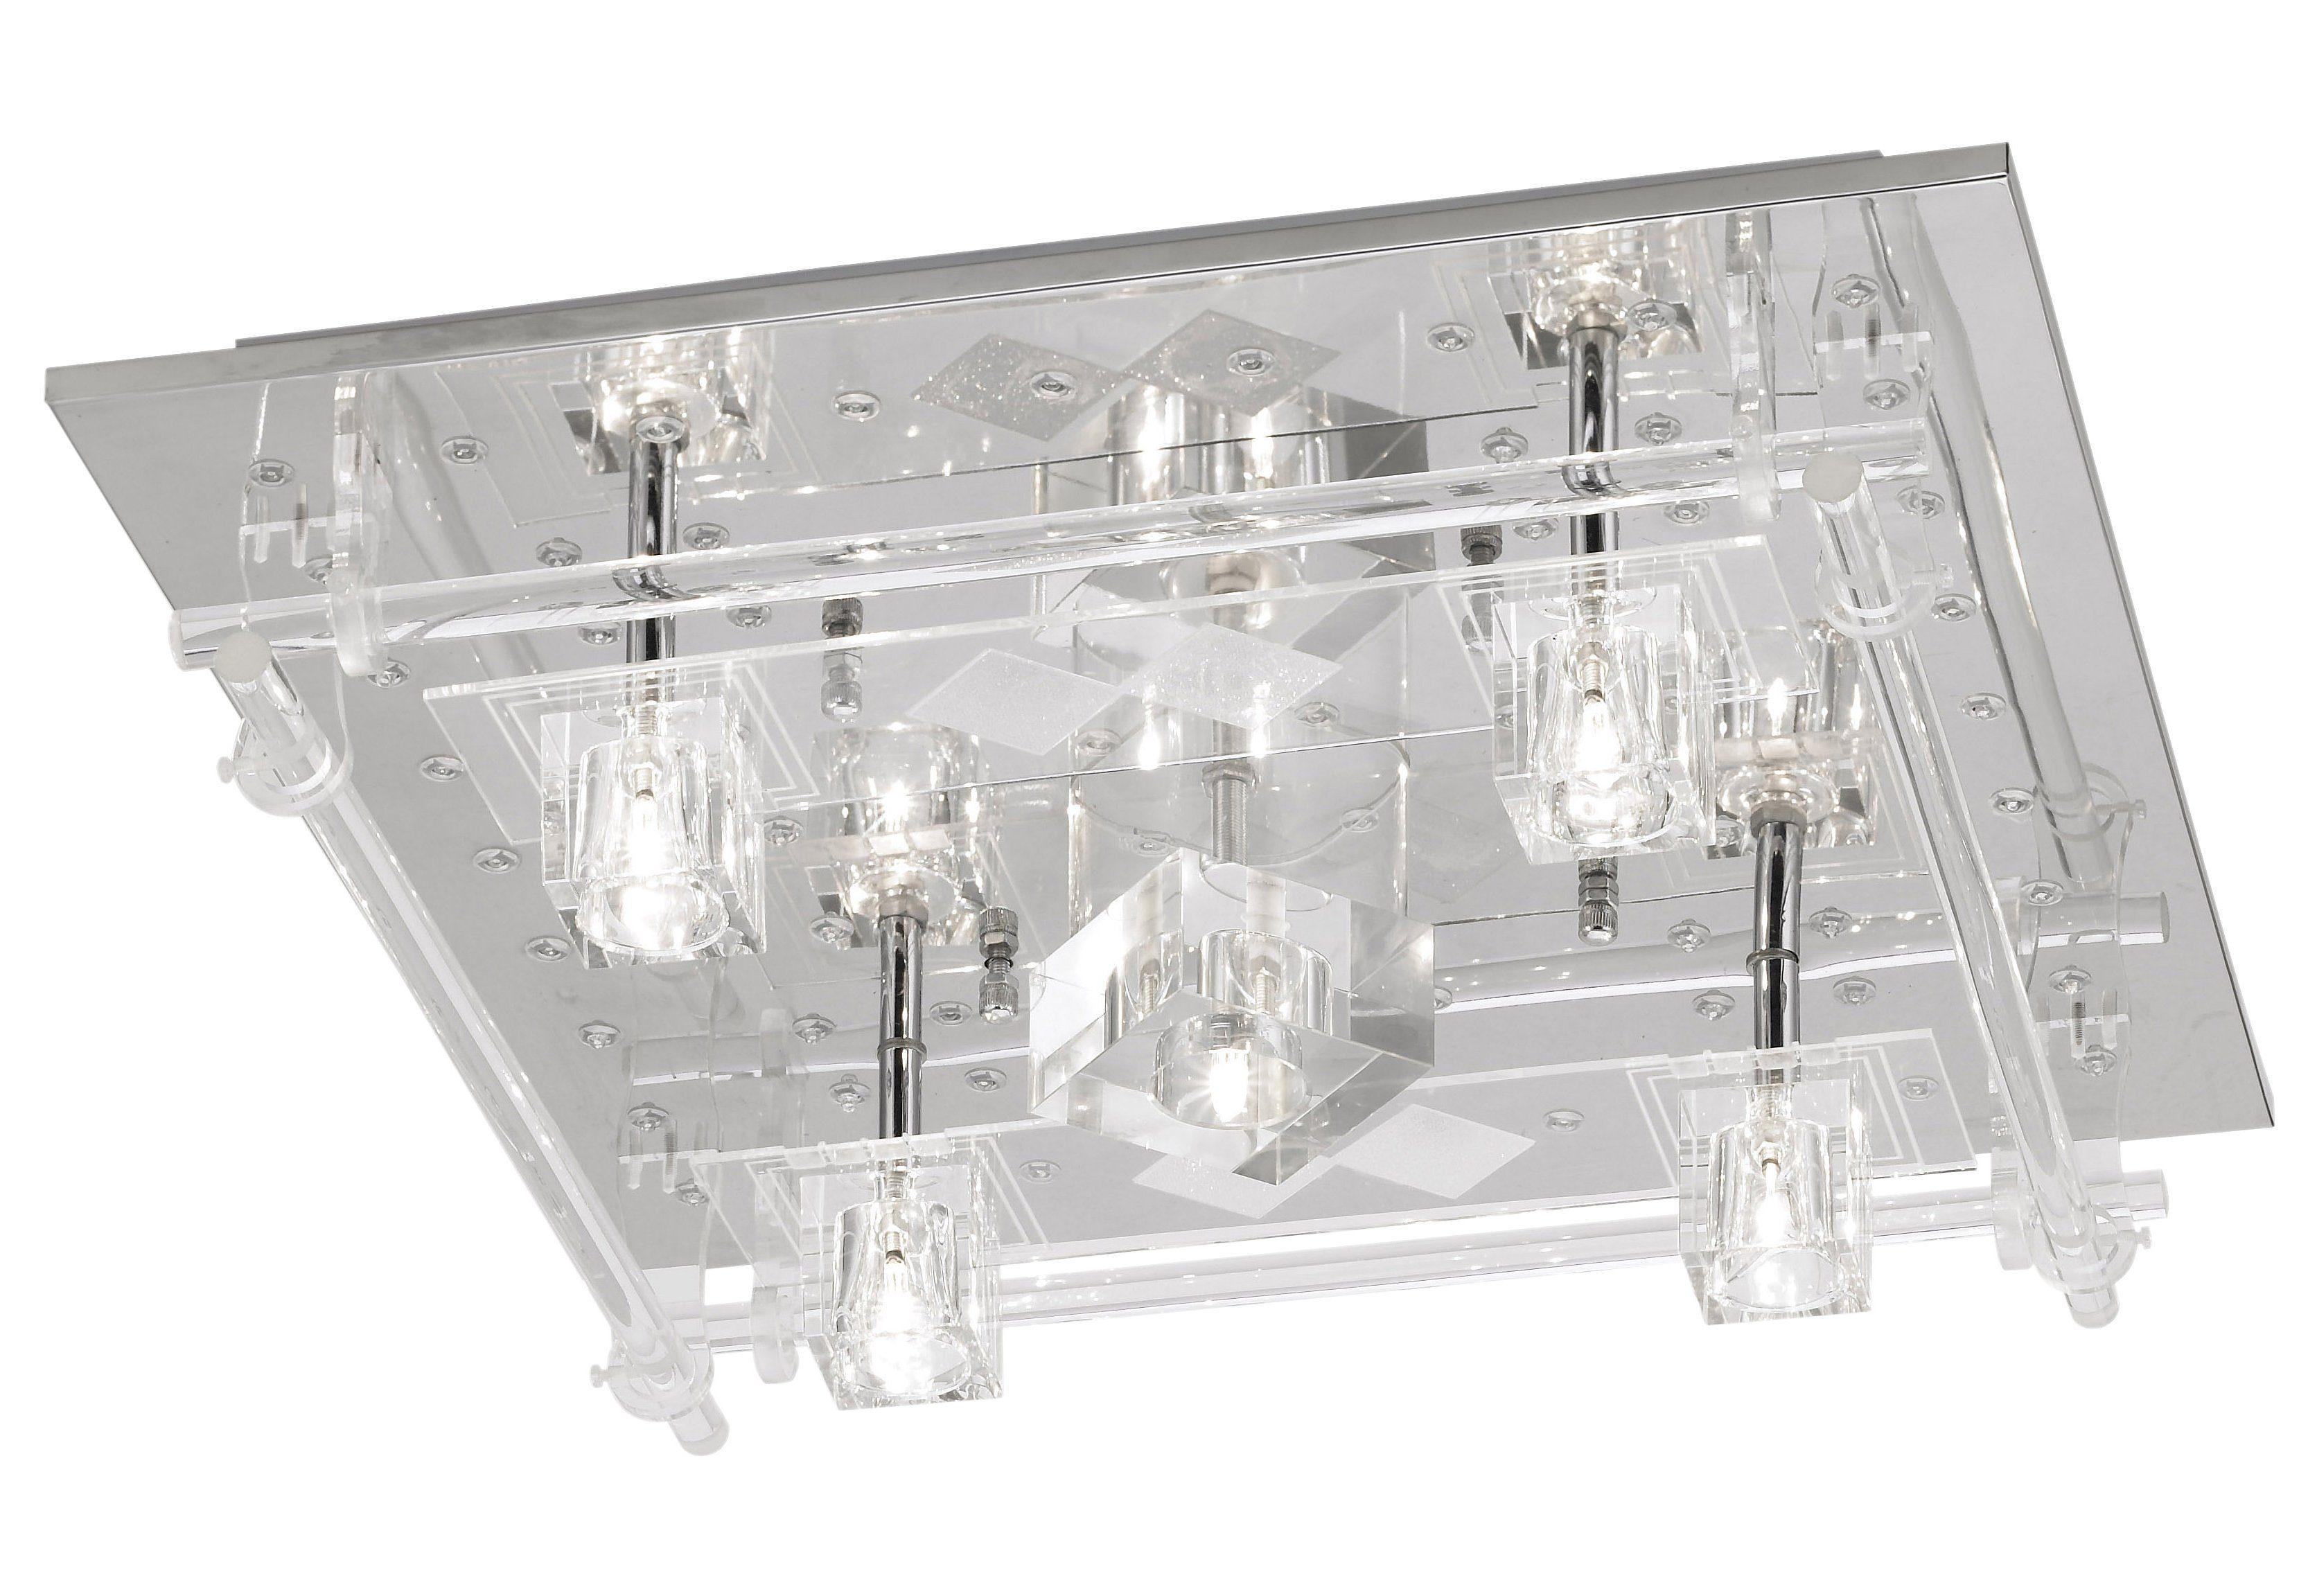 Halogen-/LED Deckenlampe mit Fernbedienung, Leuchten Direkt